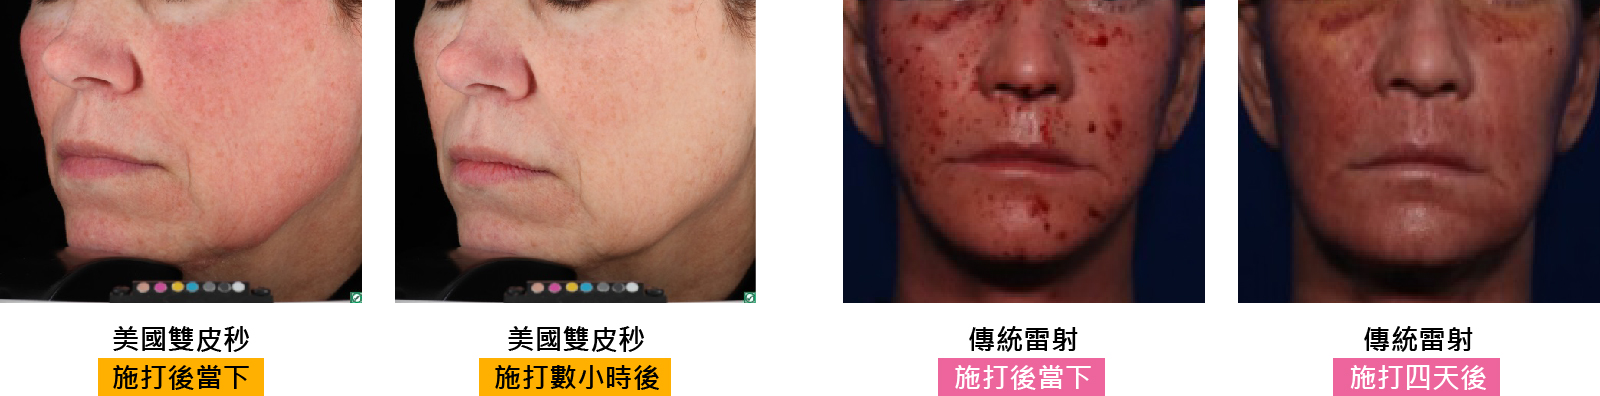 除痘疤 術後恢復比較